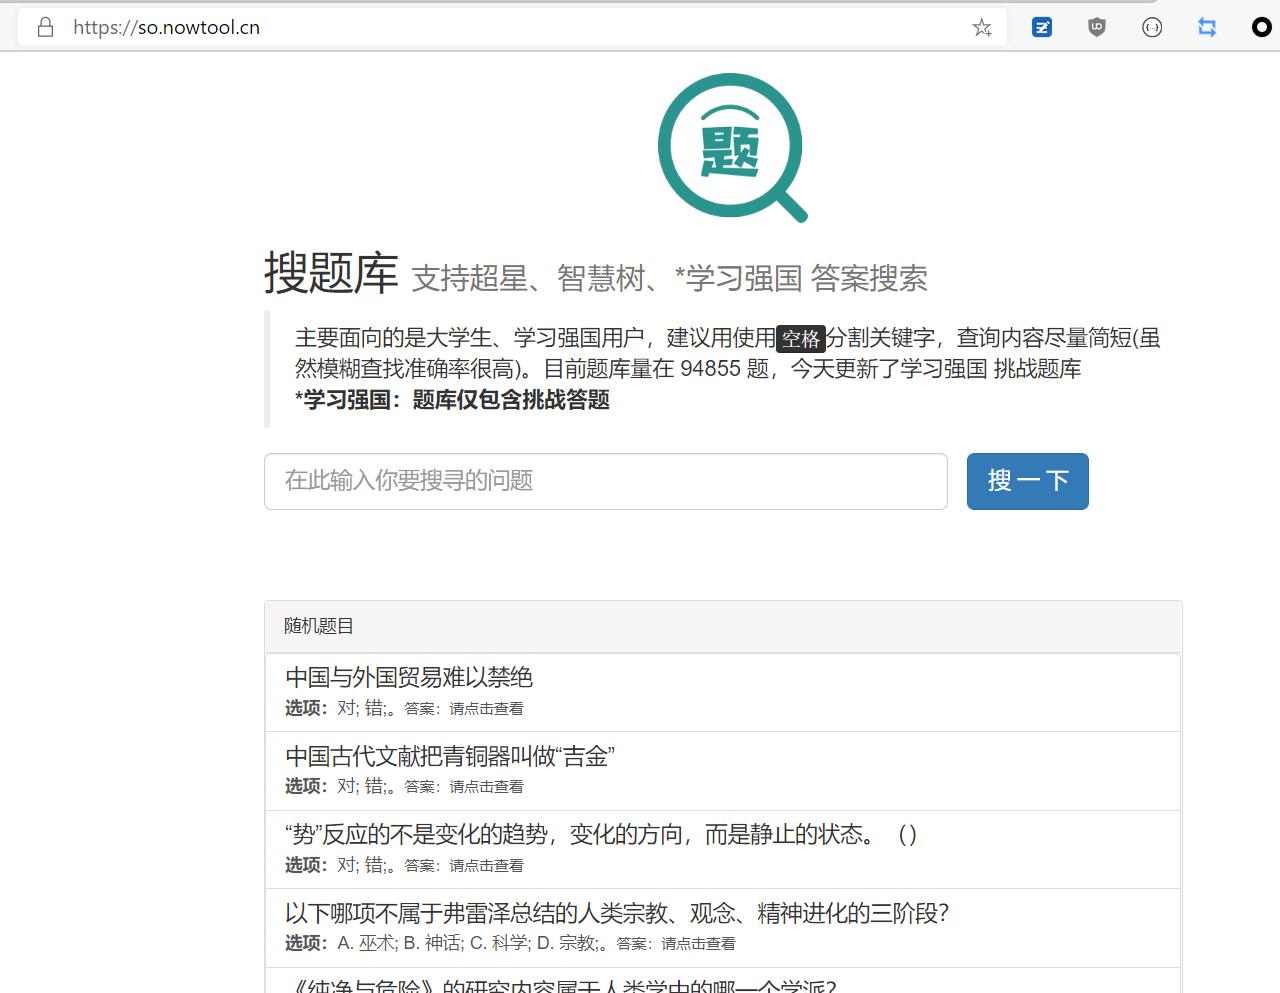 搜题库 so.NowTool.cn #支持超星、智慧树、*学习强国 答案搜索